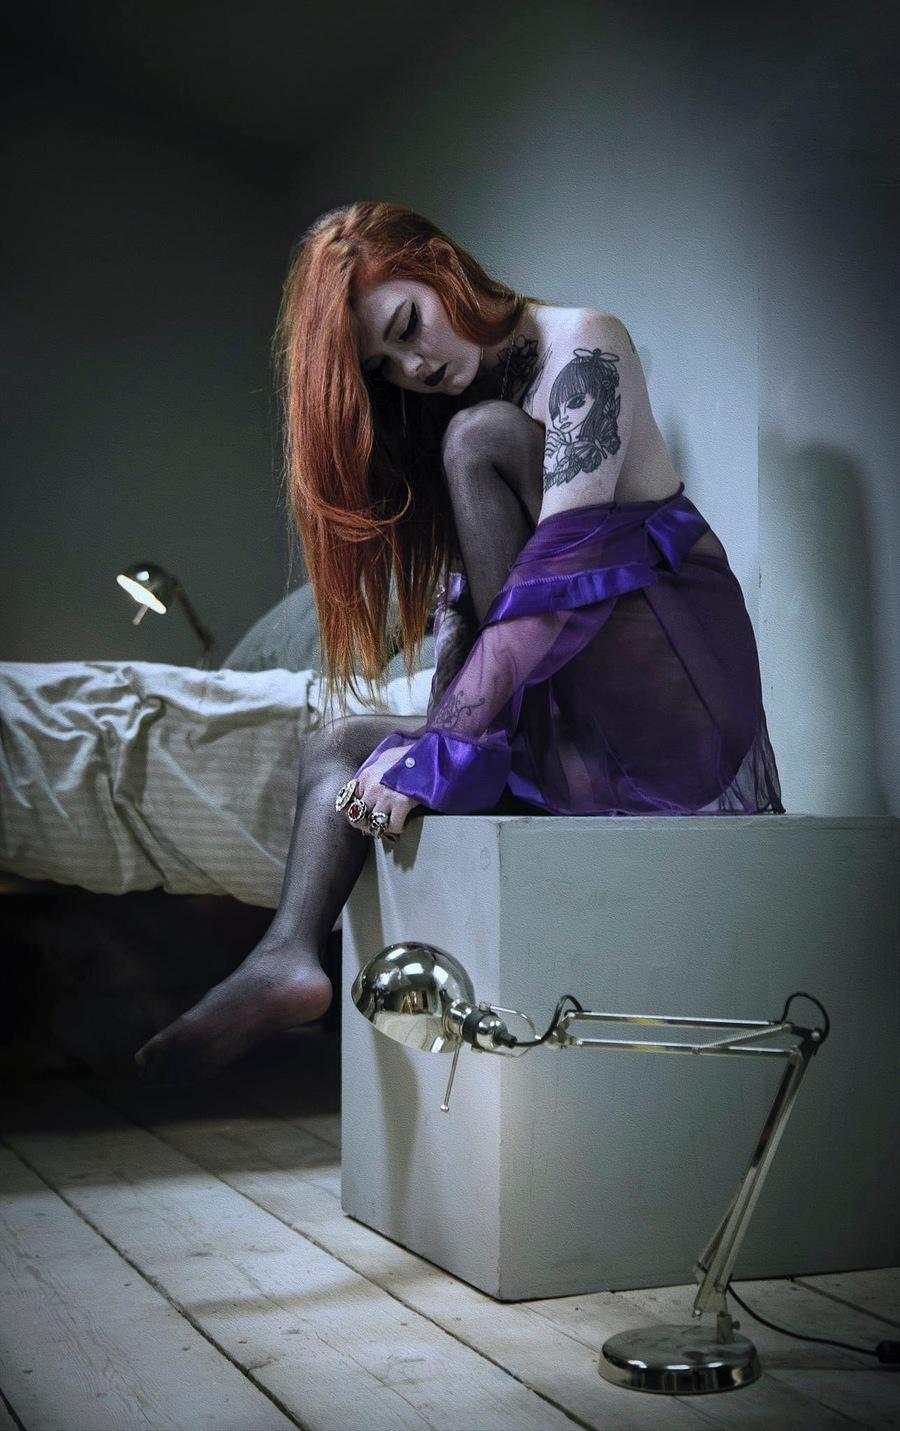 Model Violet Grey / Uploaded 29th August 2021 @ 05:54 AM